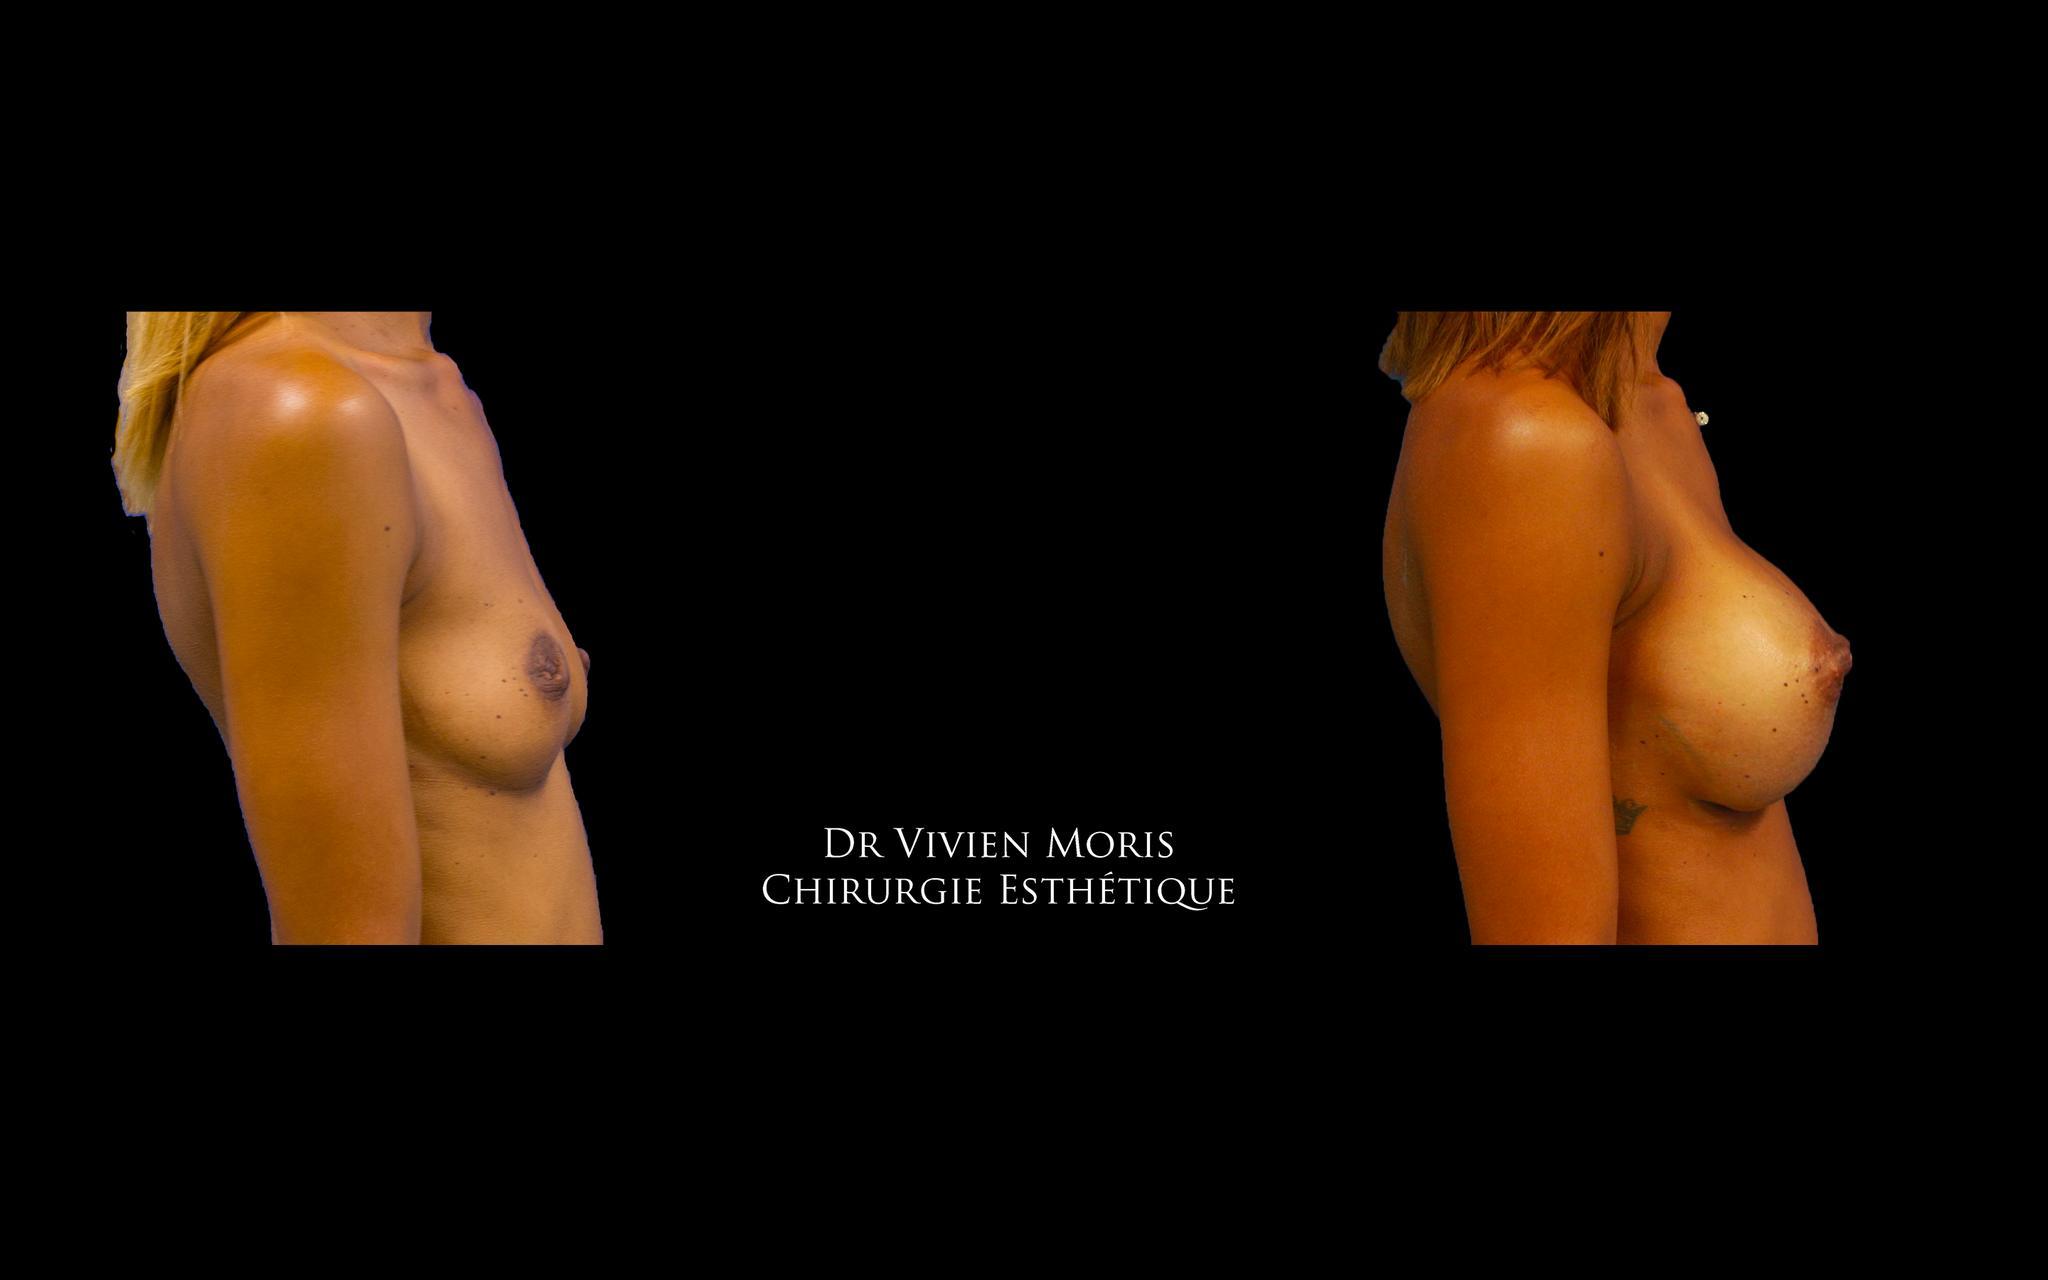 Profil haut / Dr Vivien Moris